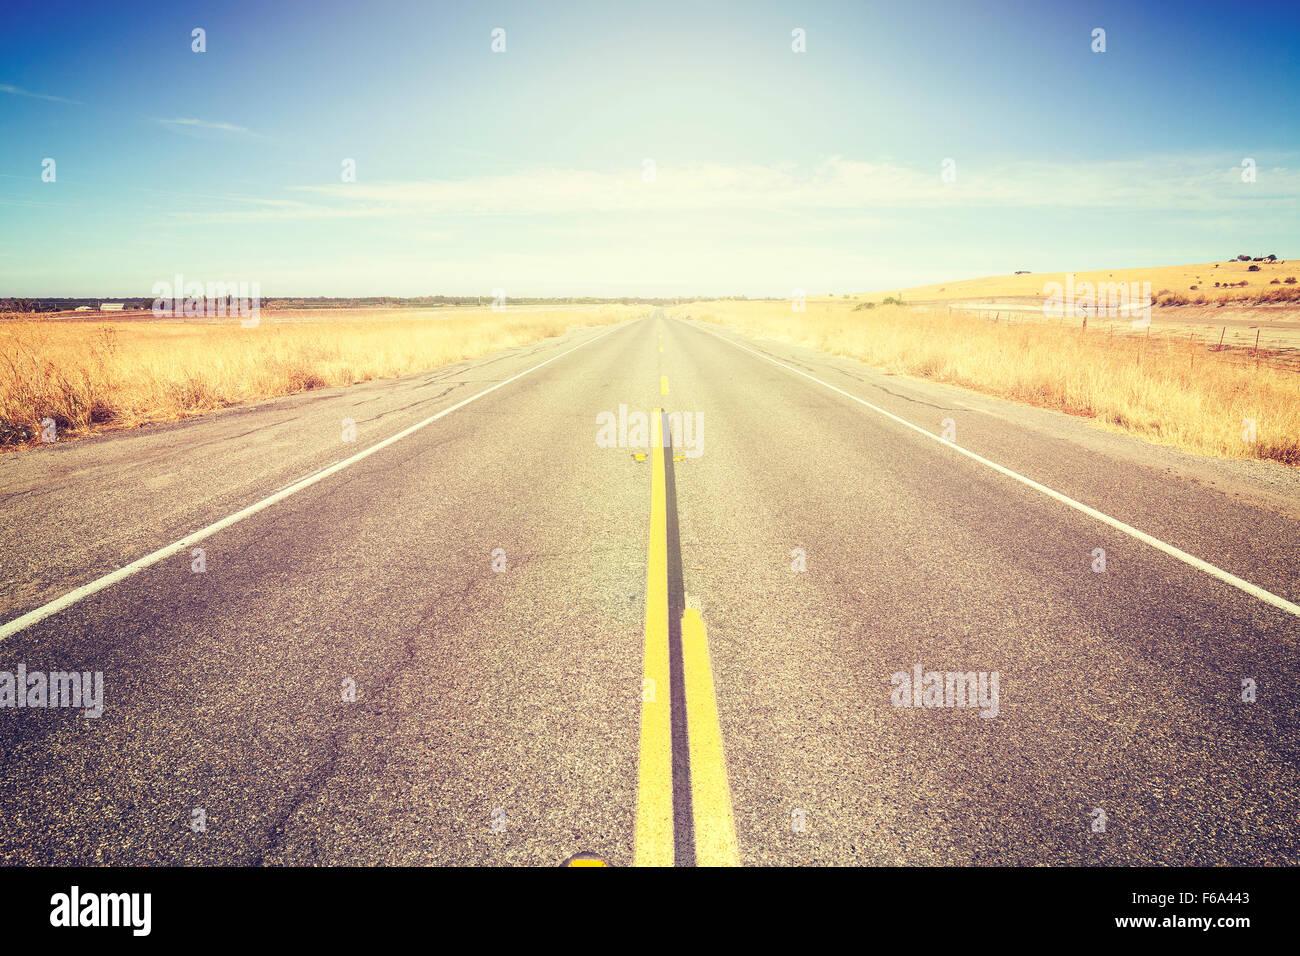 Tonos Vintage interminables country road, viajes concepto imagen. Imagen De Stock